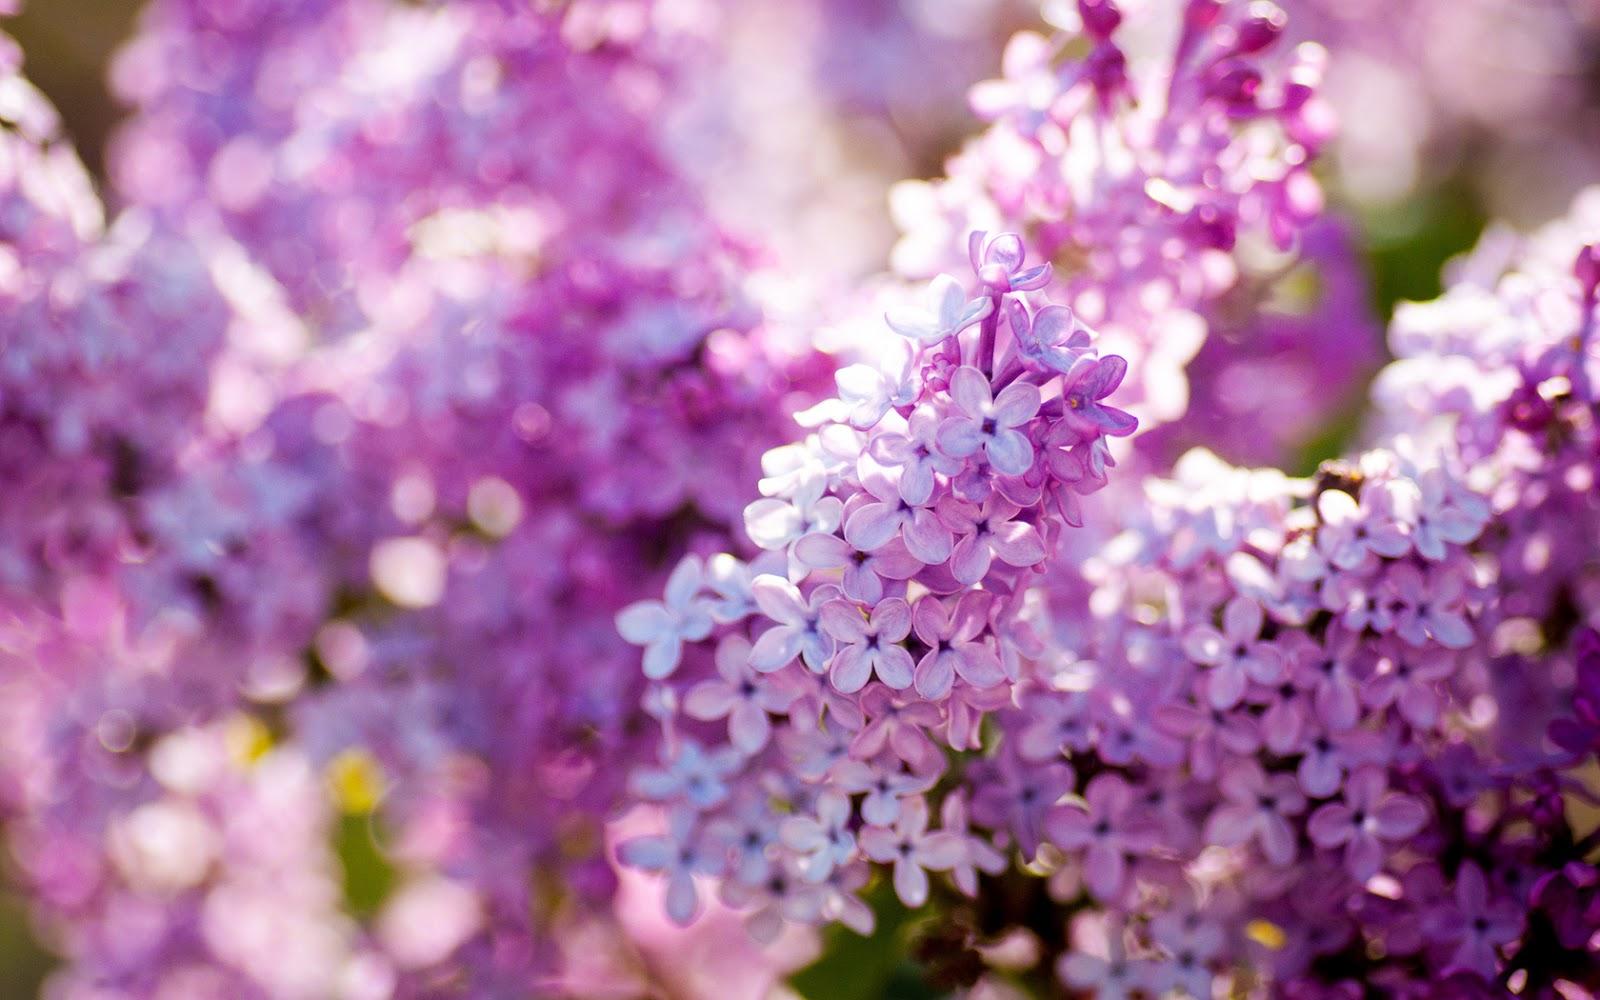 imagenes de flores bonitas para fondo de pantalla